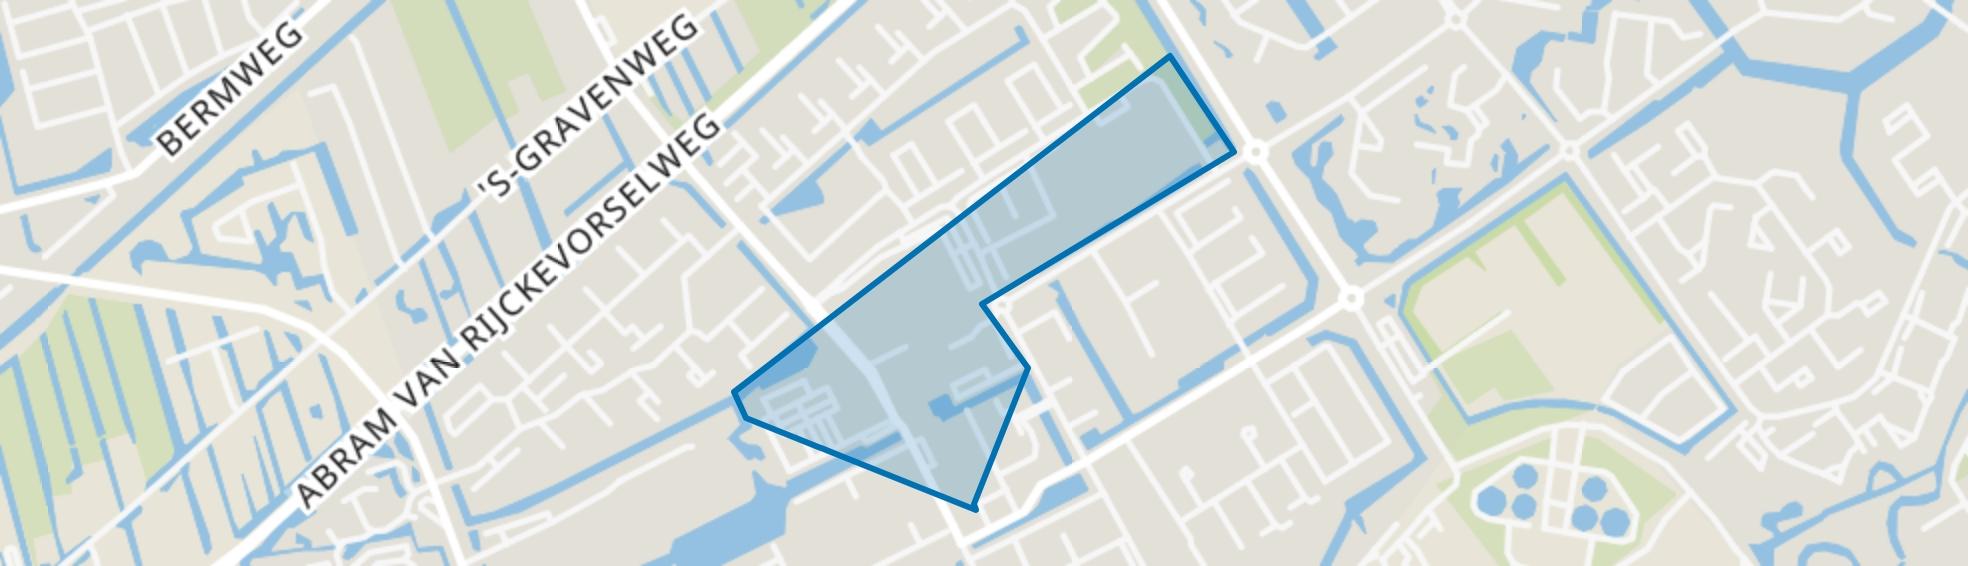 Koperwiek, Capelle aan den IJssel map